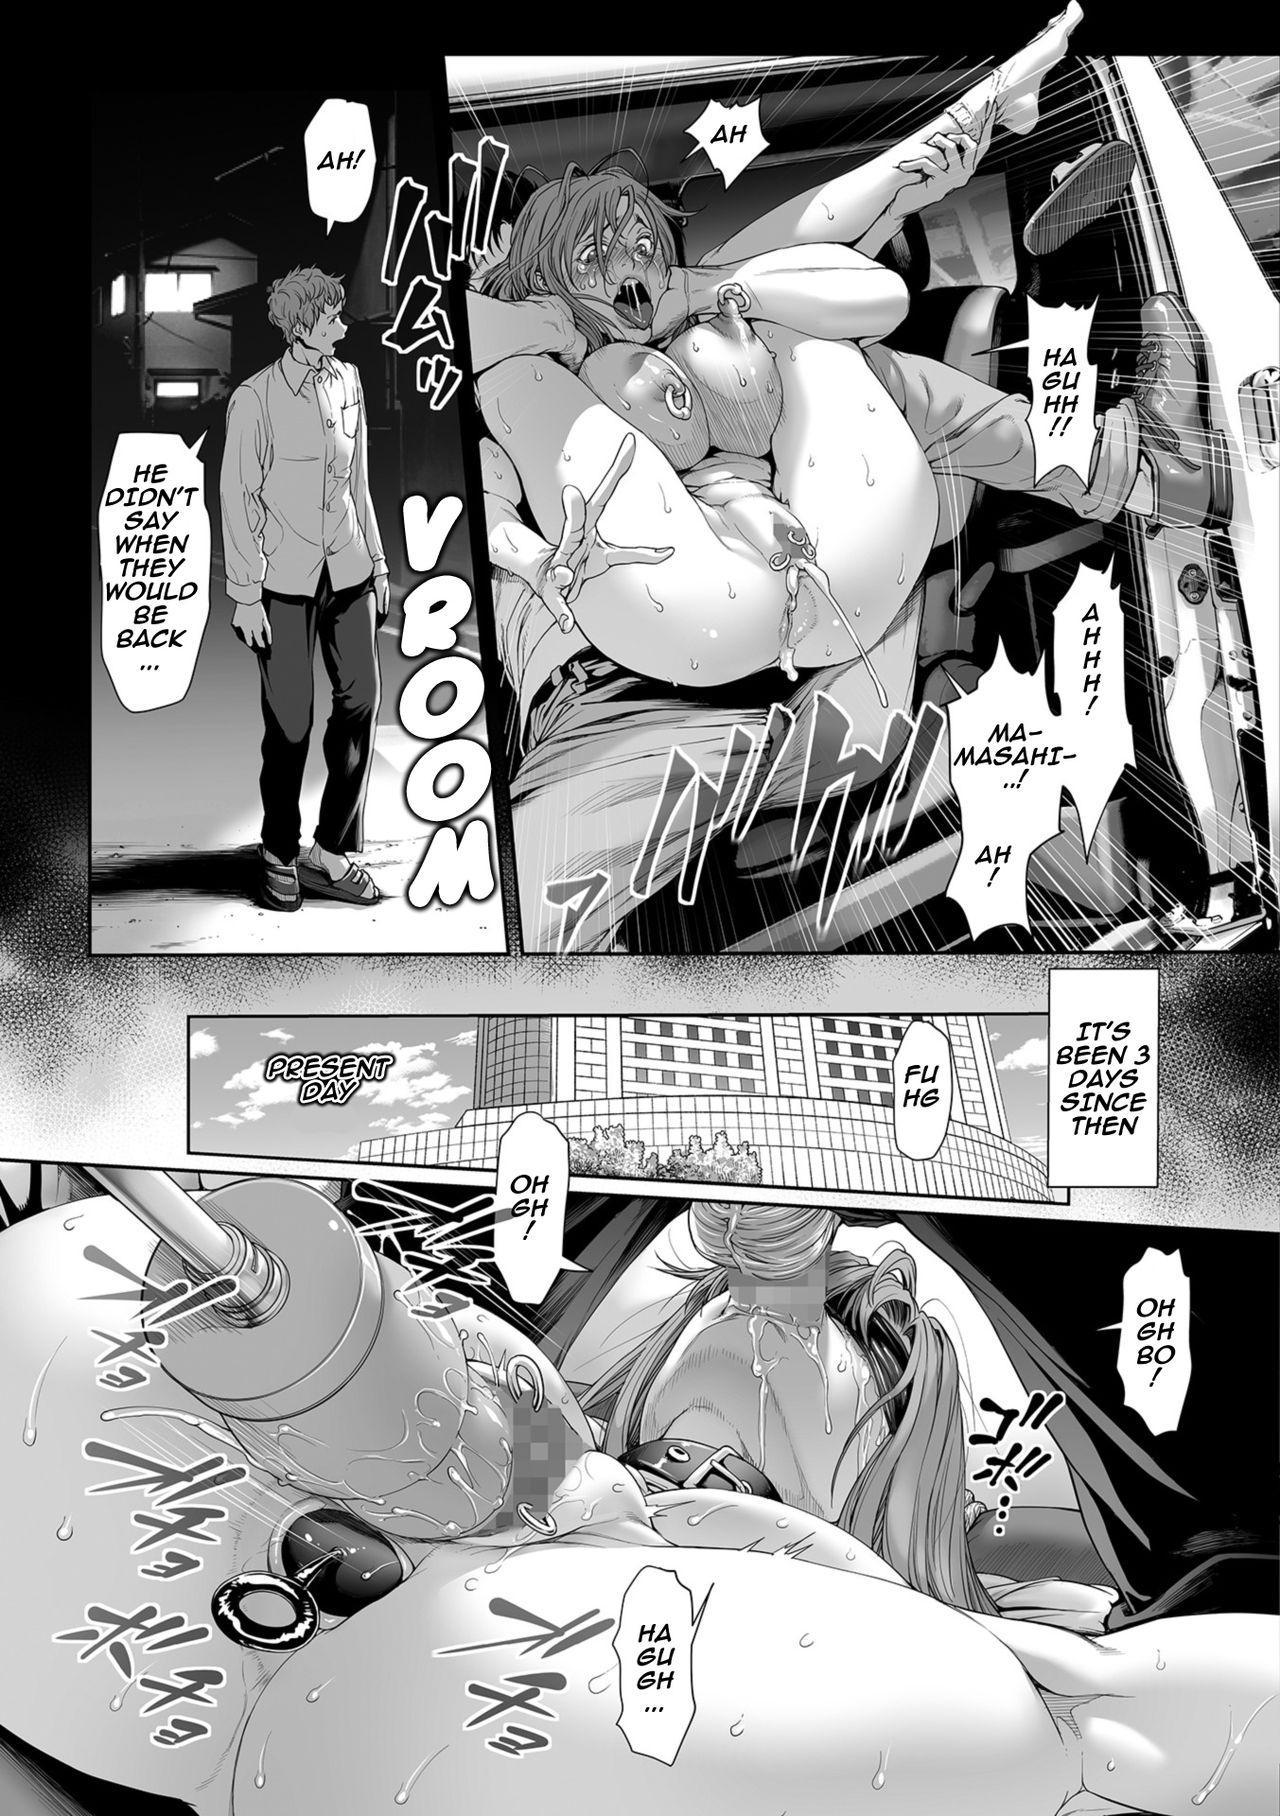 [Sannyuutei Shinta] Zoku Okaa-san wa Shakkin Dorei desu yo | My Mother Is A Debt Slave - Sequel (COMIC Mate Legend Vol. 25 2019-02) [English] [PHILO] [Digital] 4